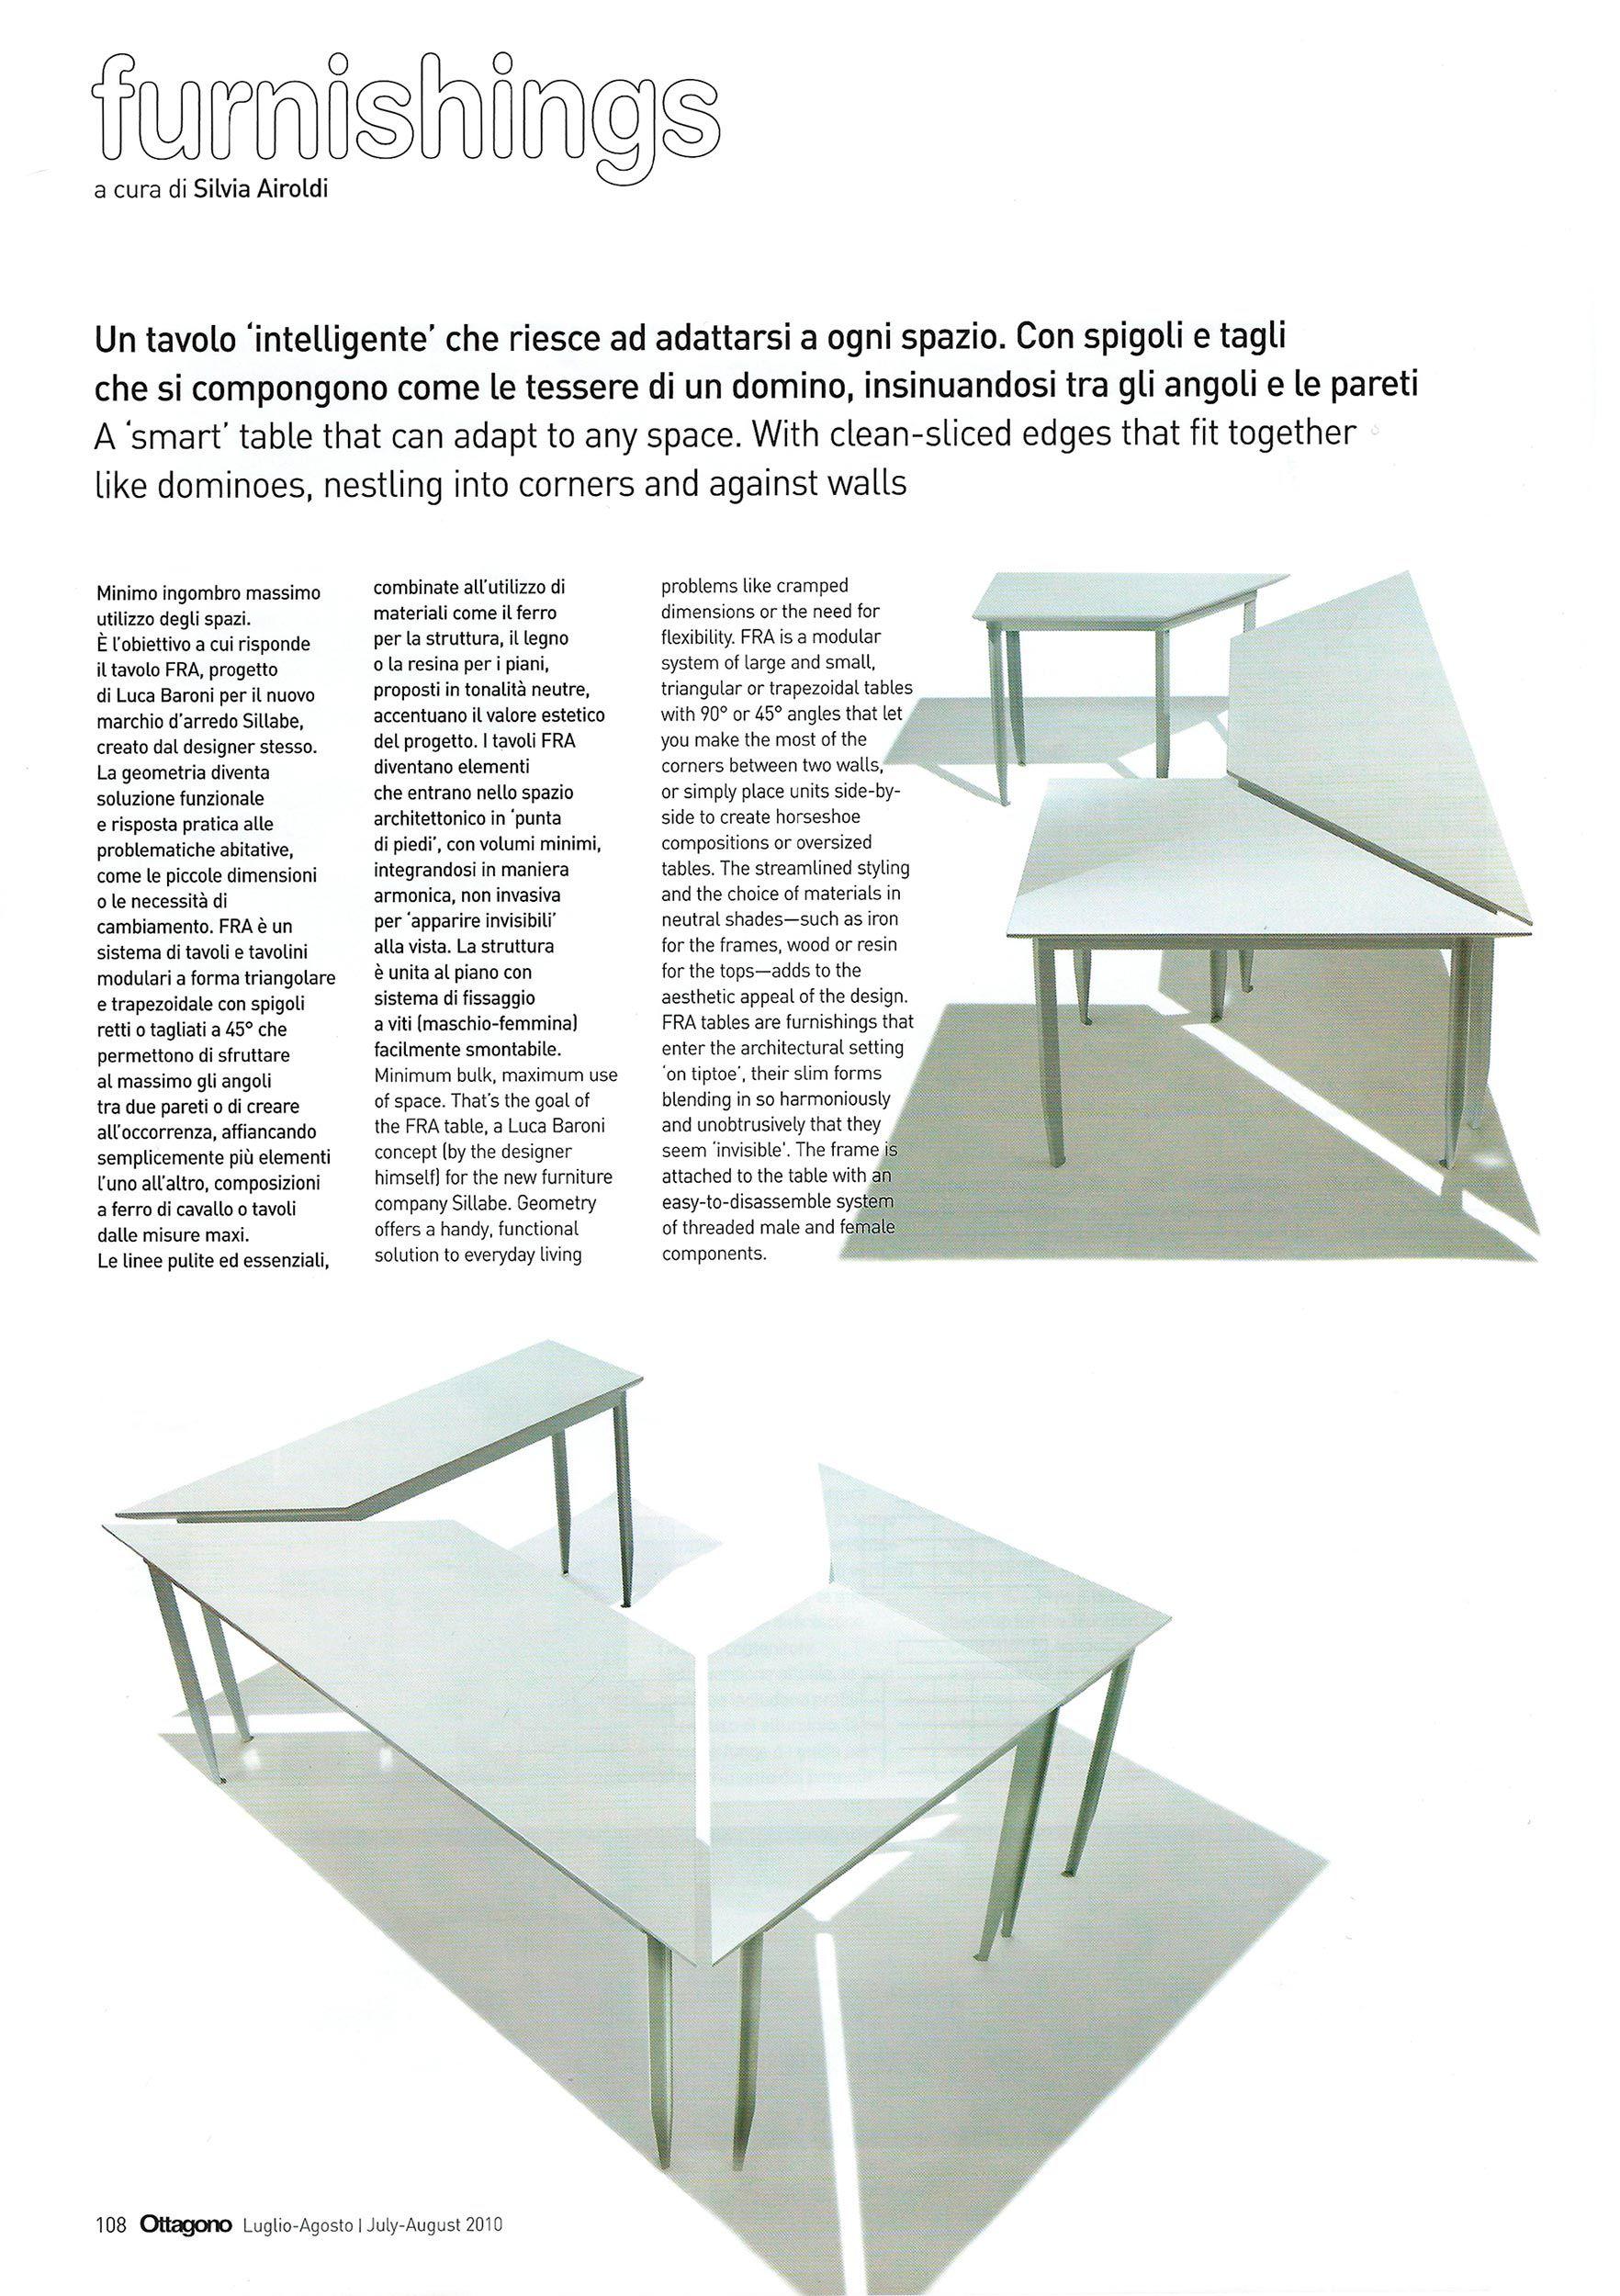 Sillabe Luca Baroni Press Ottagono